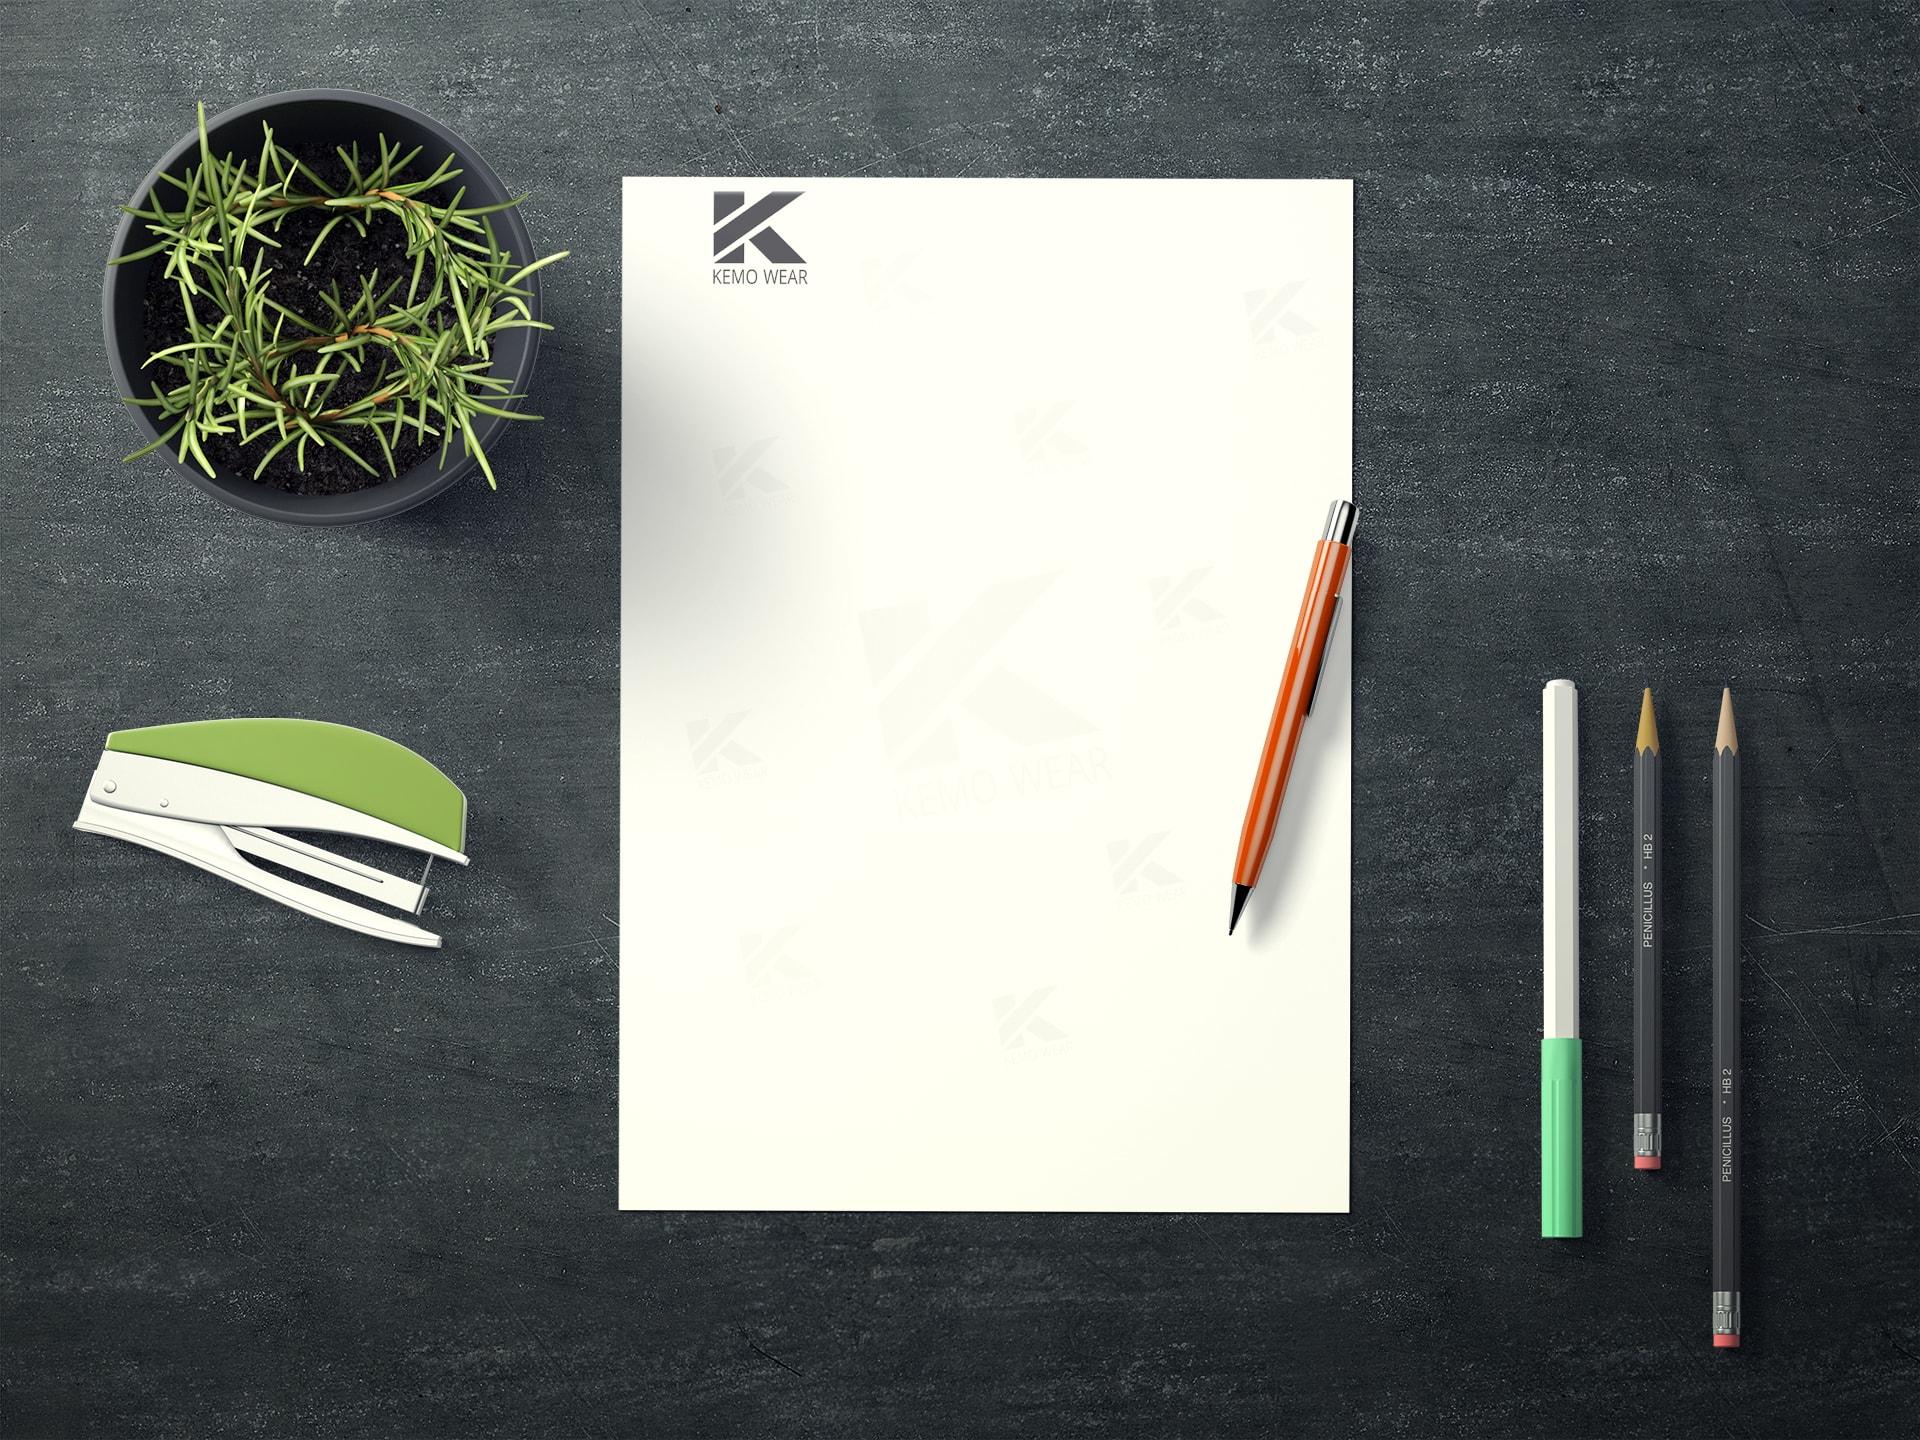 papier firmowy dla projektantów mody